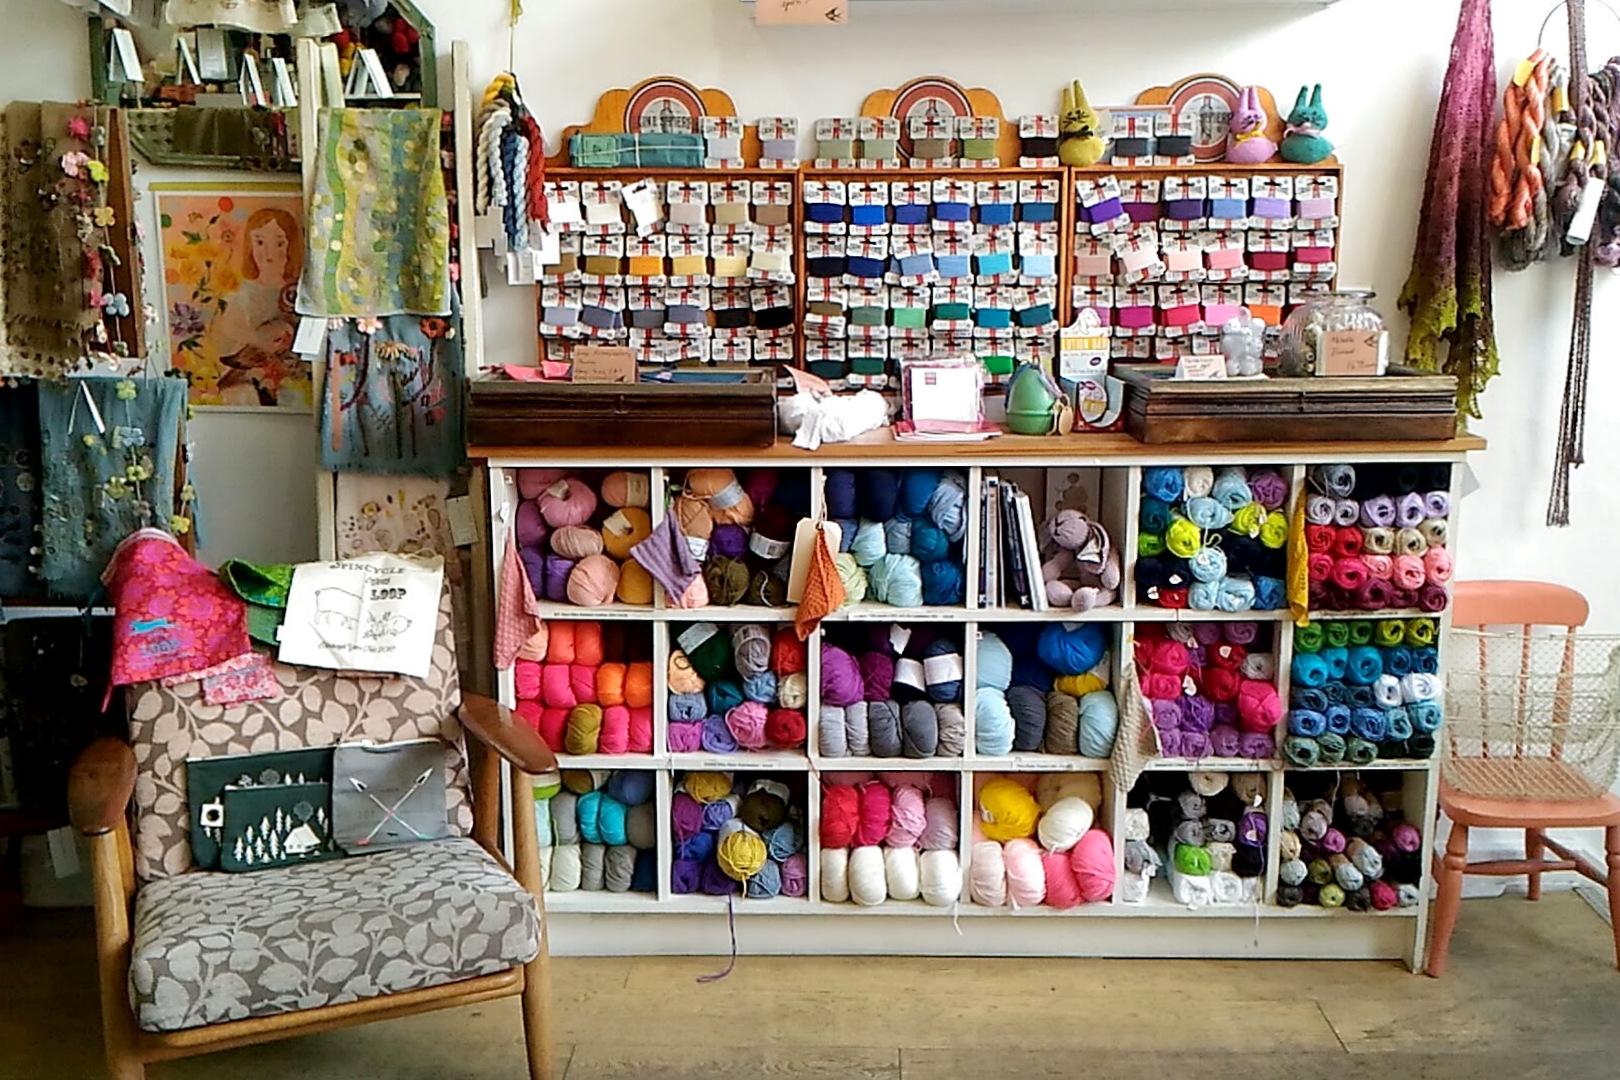 毛糸を求めてーロンドンの手芸屋さん巡り(Loop 編)